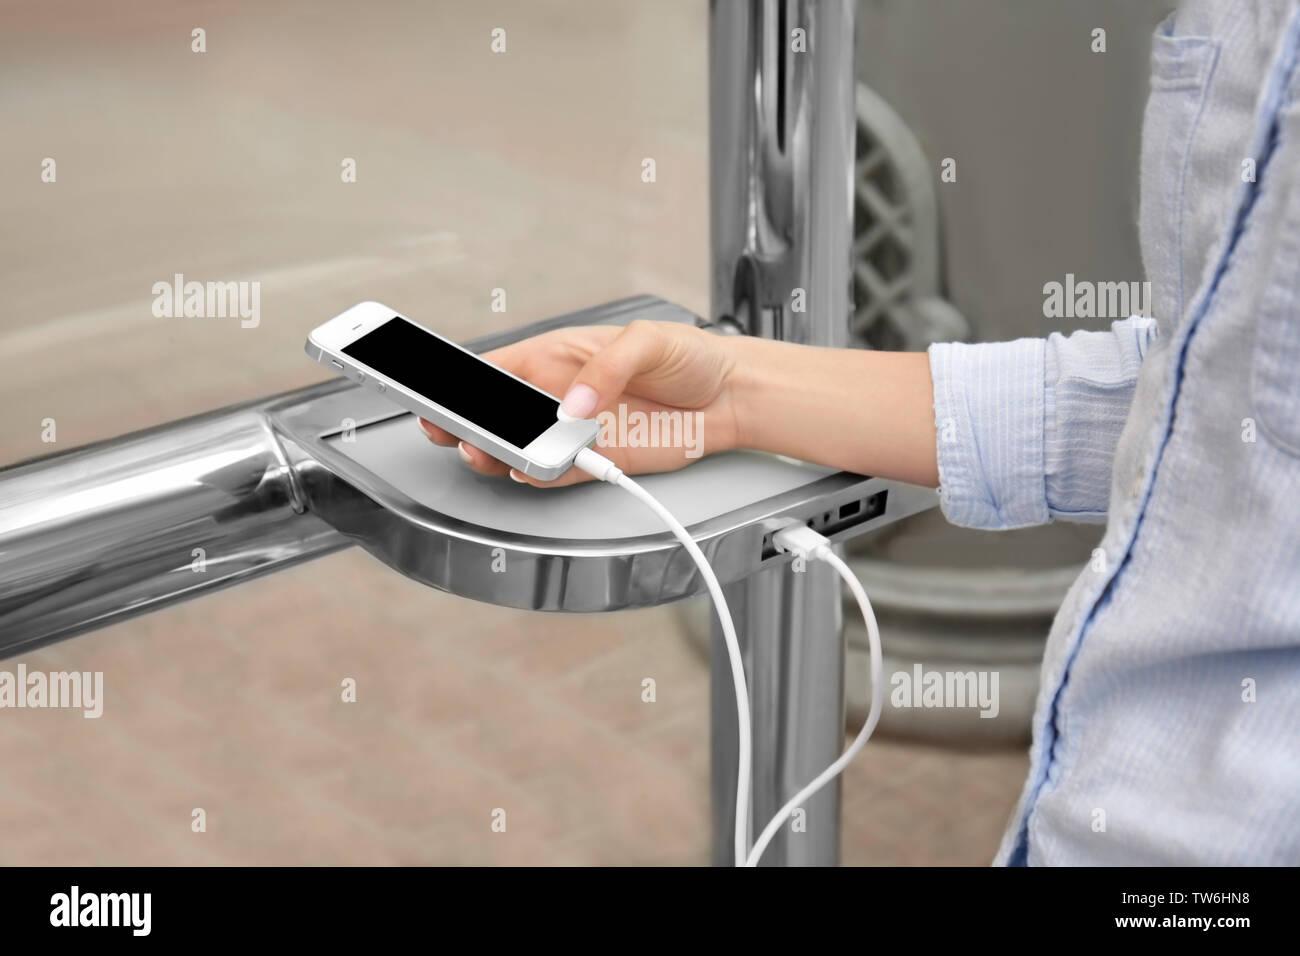 Mujer joven cargando el teléfono móvil al aire libre Imagen De Stock